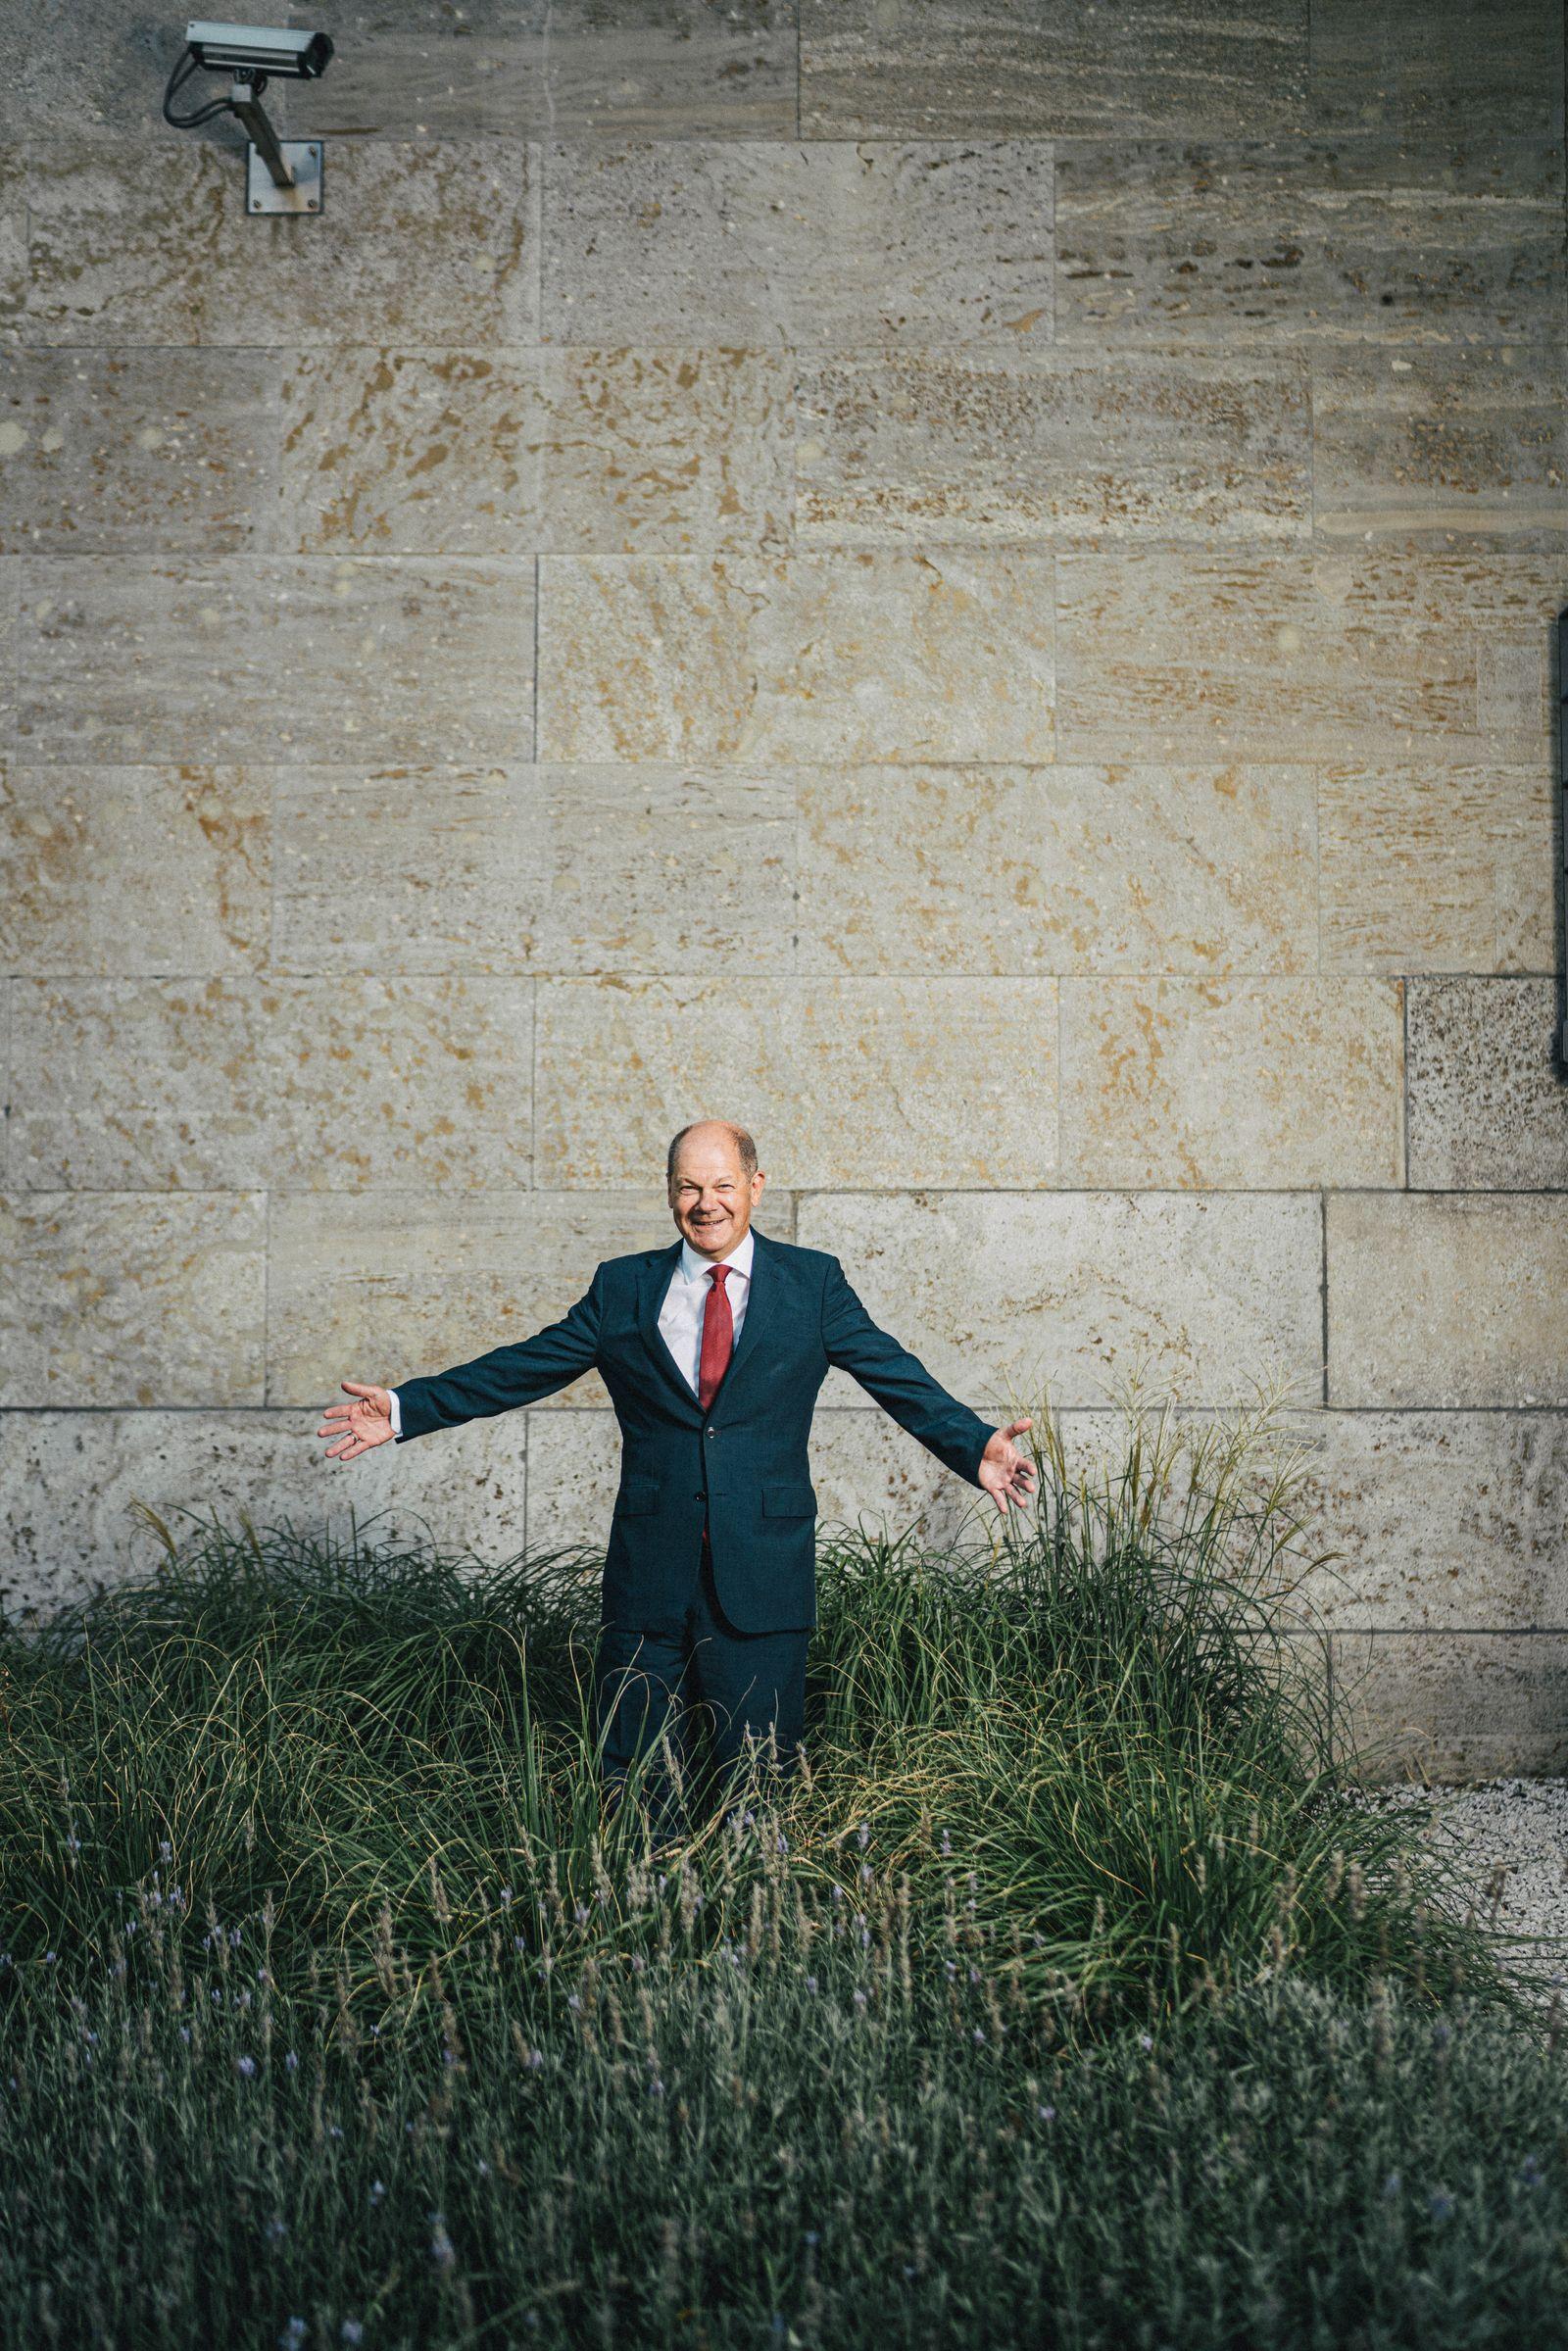 Olaf Scholz, Poltiker, Vizekanzler, Bundesminister der Finanzen und Kanzlerkandidat der SPD für den Bundestagswahlkampf 2021, fotografiert im Hof des Bundesfinanzministeriums